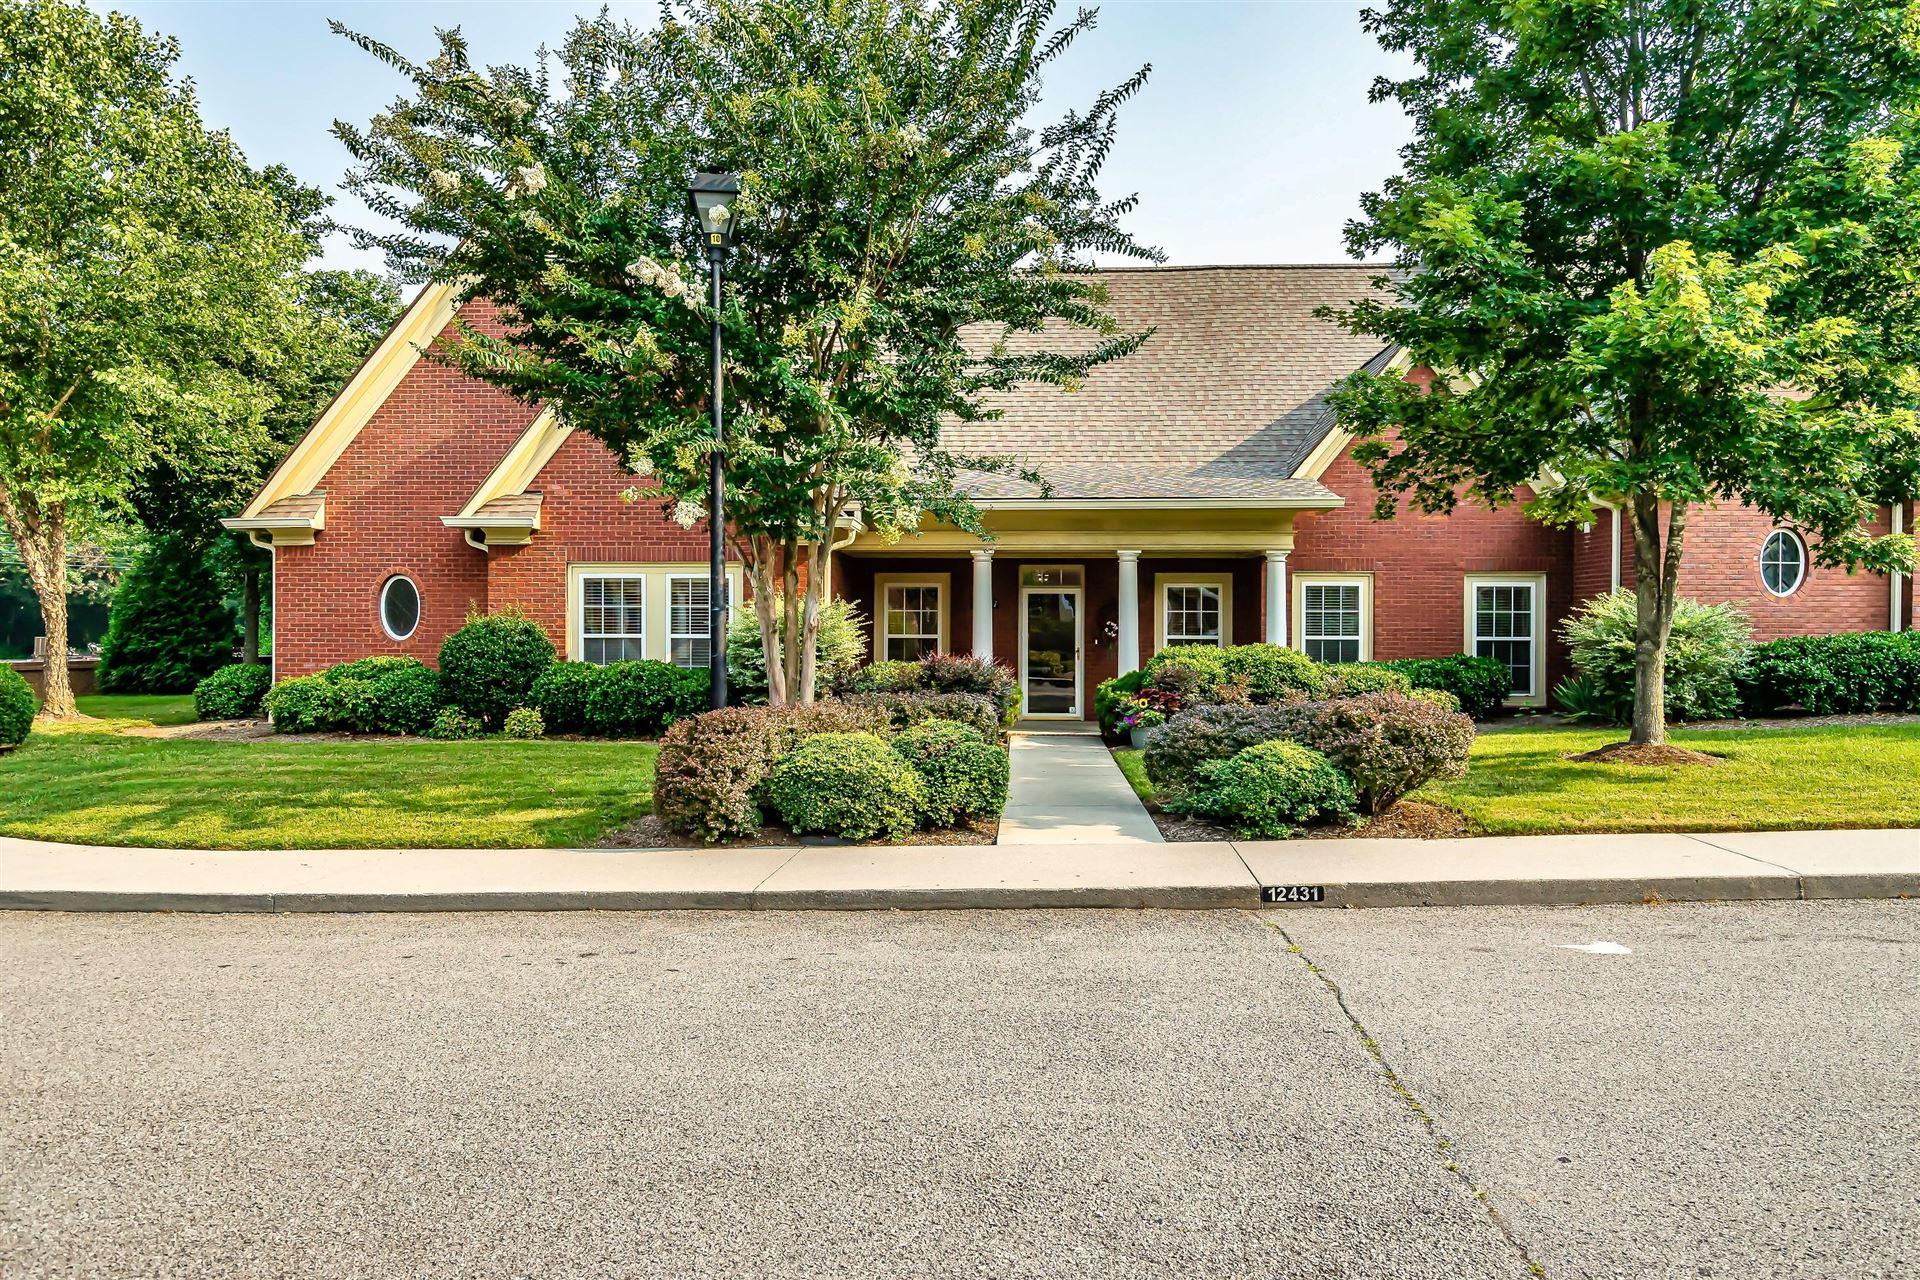 12431 Willow Ridge Way, Farragut, TN 37934 - MLS#: 1161480